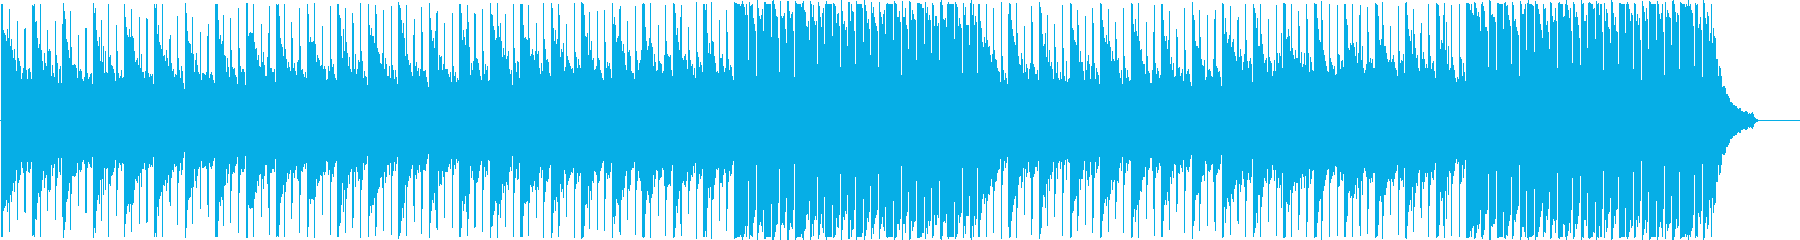 告知やVPに 前向きで爽やかなバイオリンの再生済みの波形